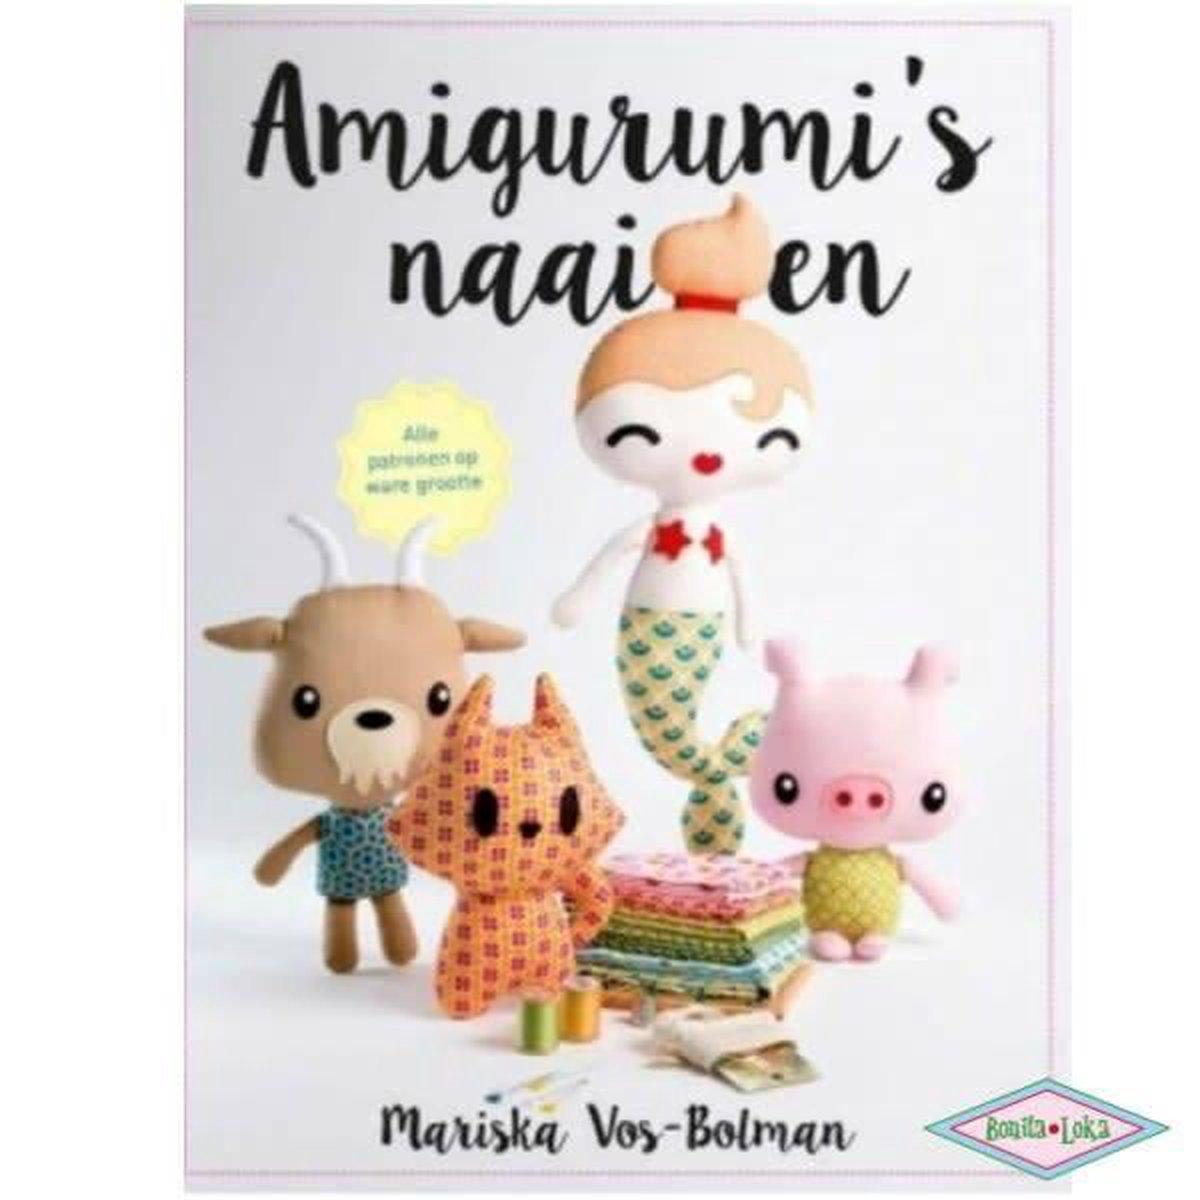 Amigurumi's naaien. Alle patronen op ware grootte - Mariska Vos-Bolman